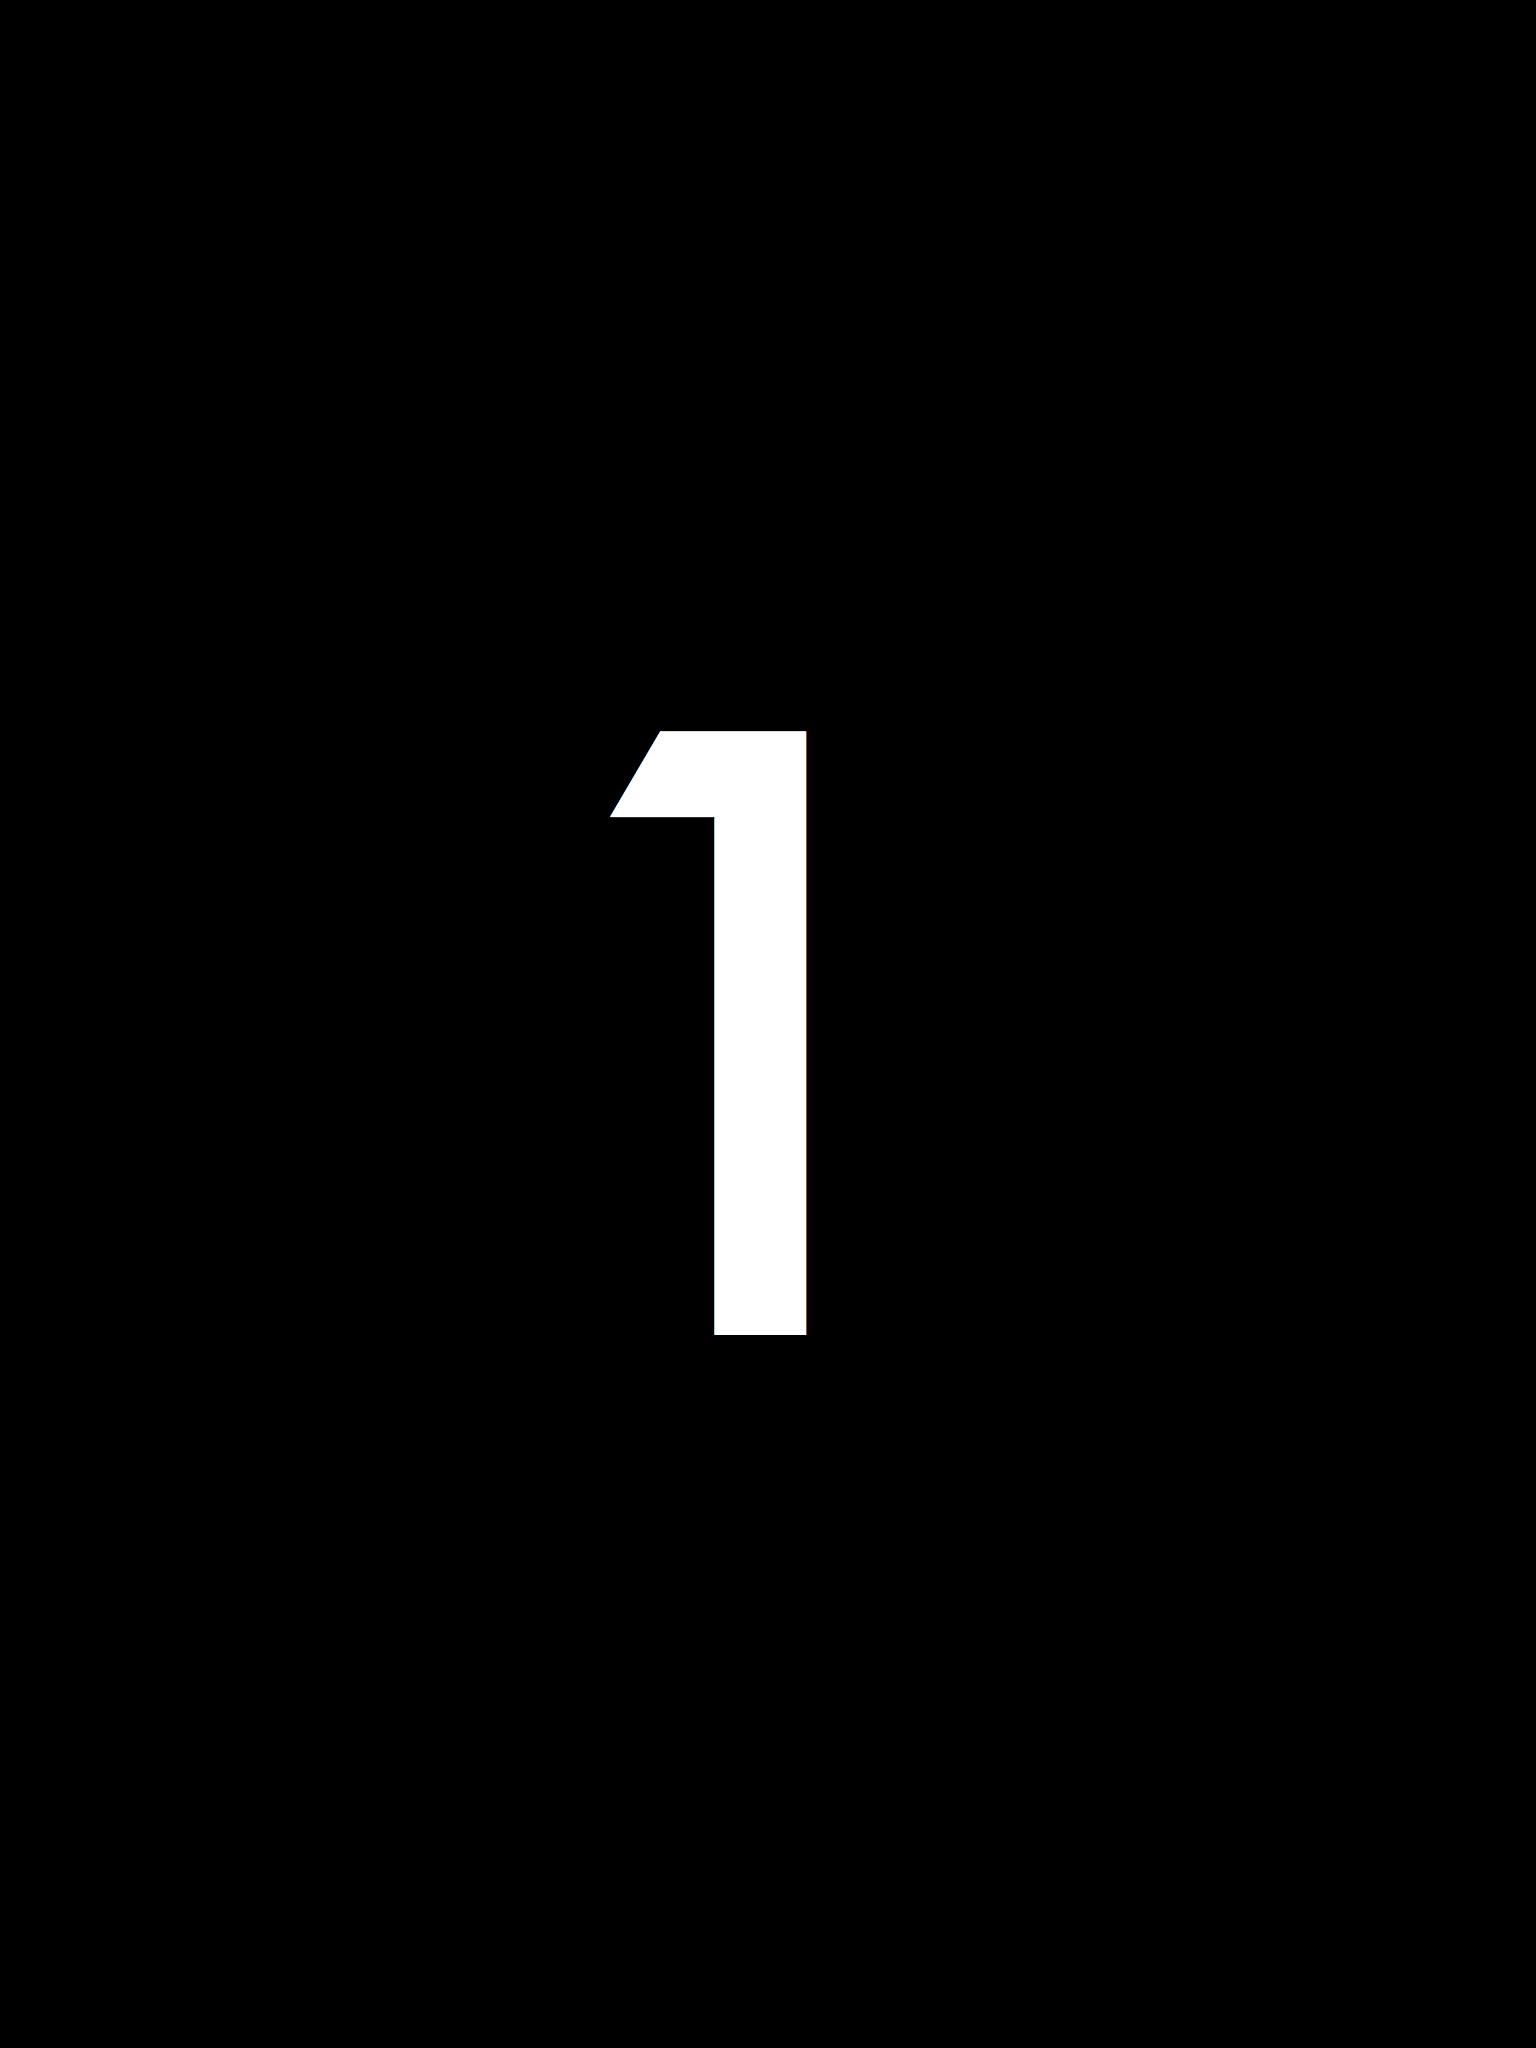 Black_Number.001.jpg